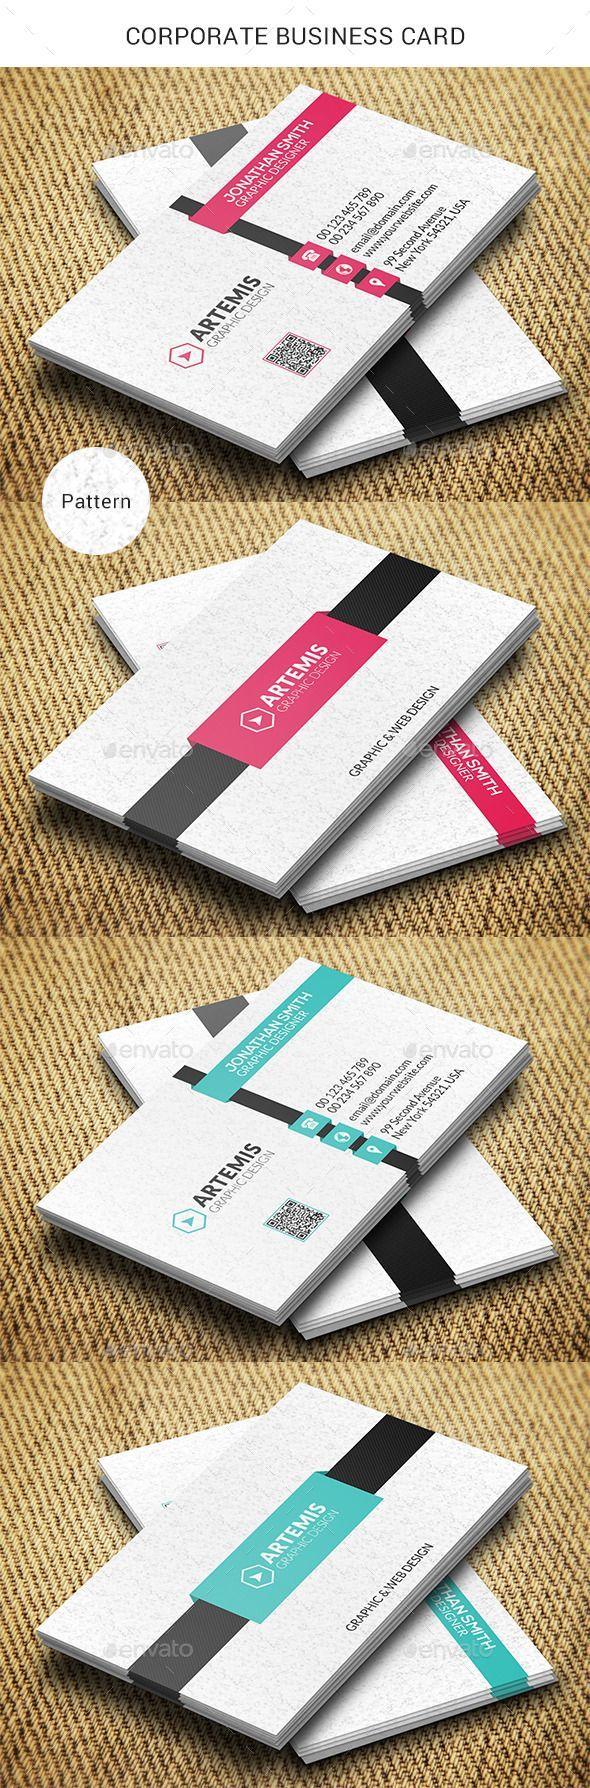 Pin de Alejo Primero en Busines cards | Pinterest | Tarjetas ...